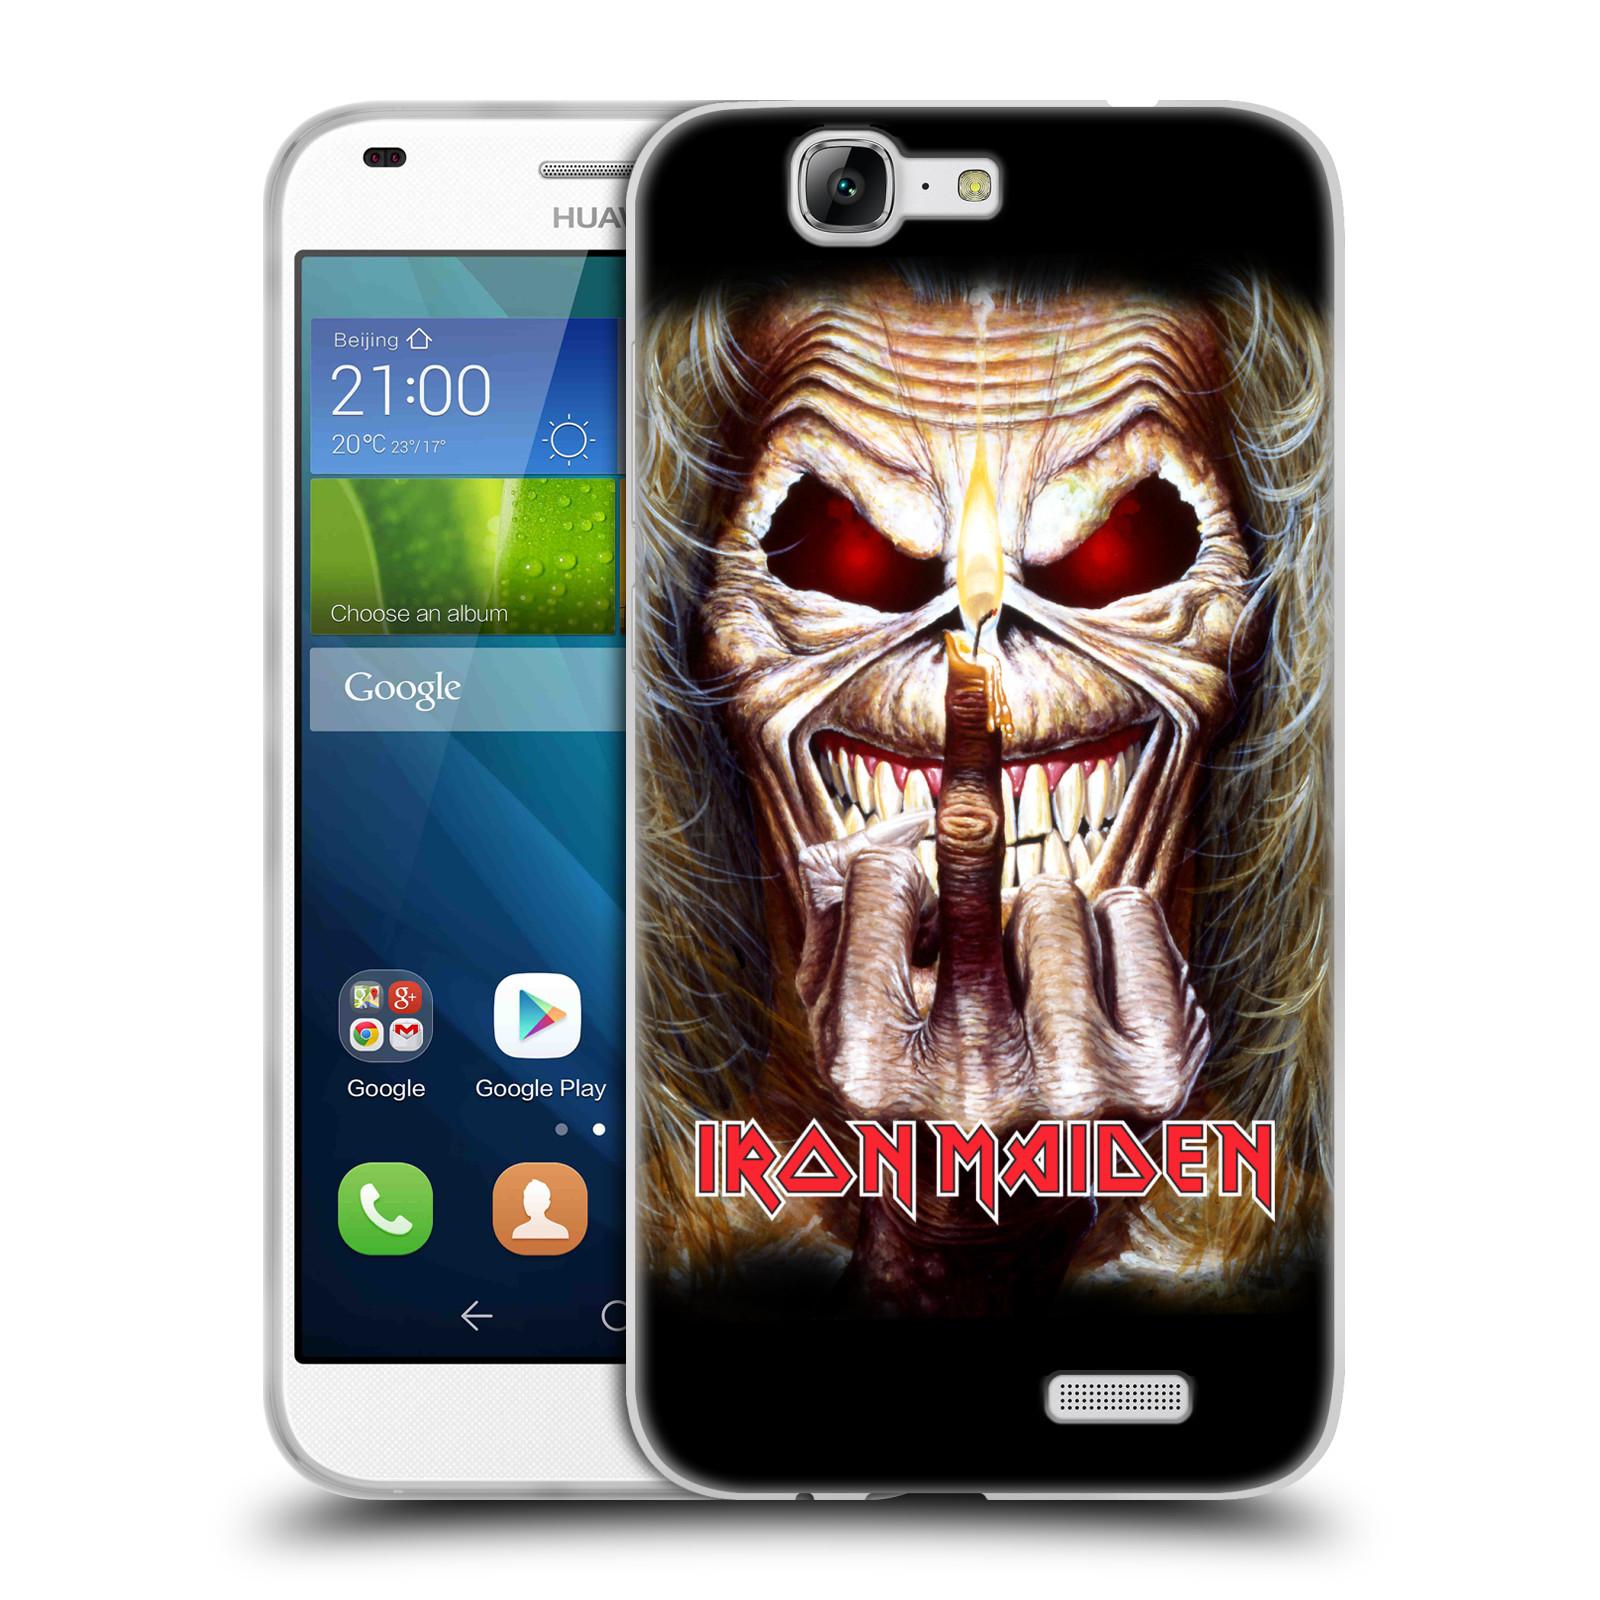 Silikonové pouzdro na mobil Huawei Ascend G7 HEAD CASE - Iron Maiden - Candle Finger (Silikonový kryt či obal na mobilní telefon s licencovaným motivem Iron Maiden Huawei Ascend G7)